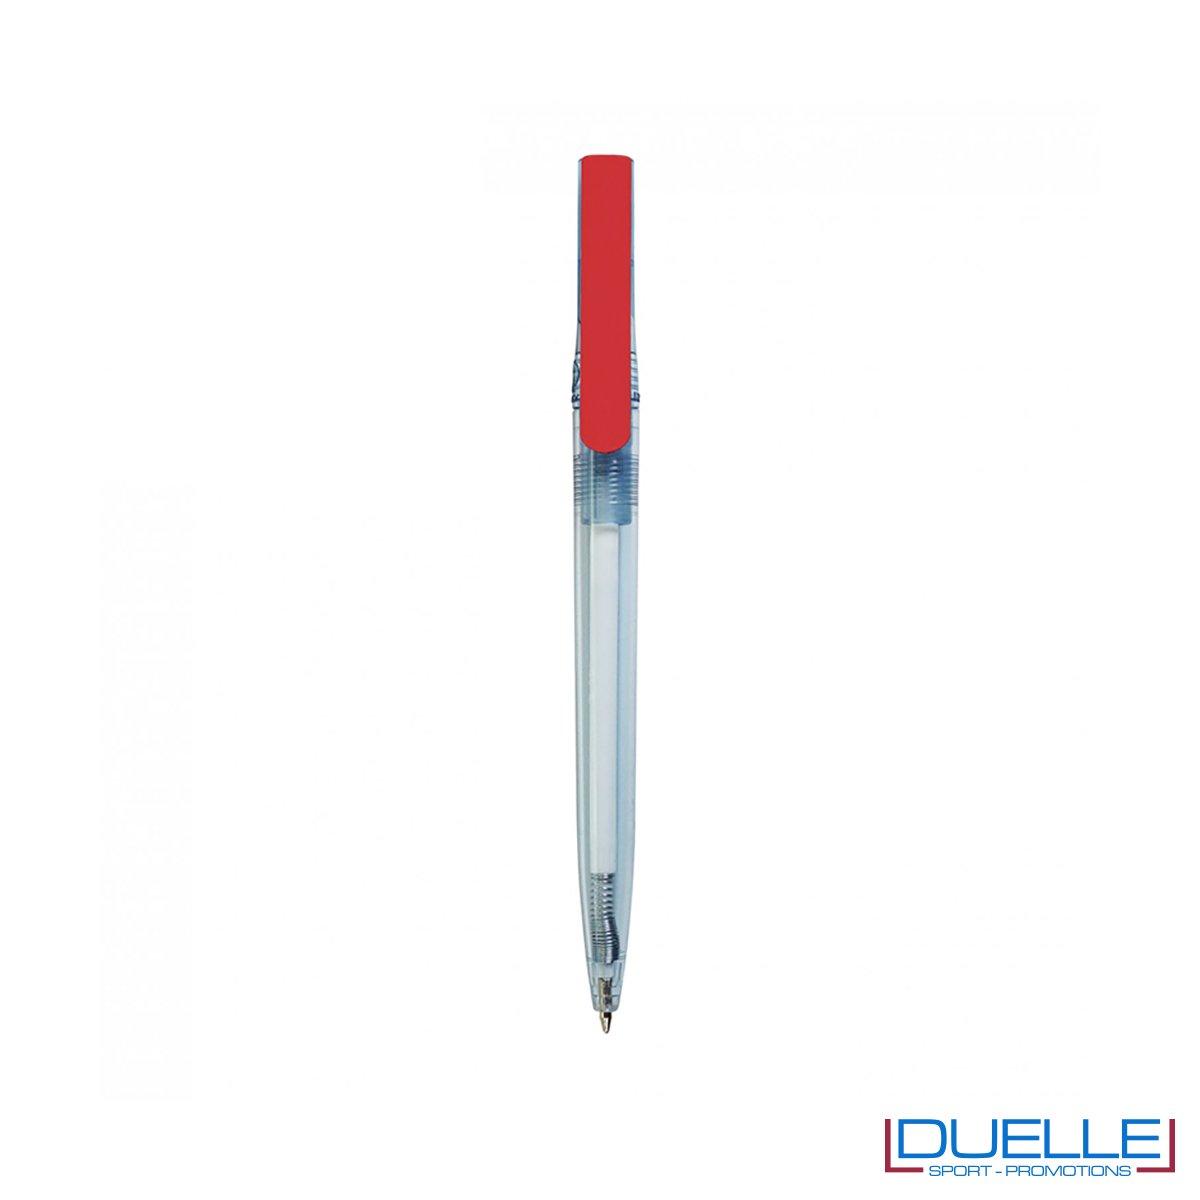 Penna in R-pet 100% riciclata clip colore rosso